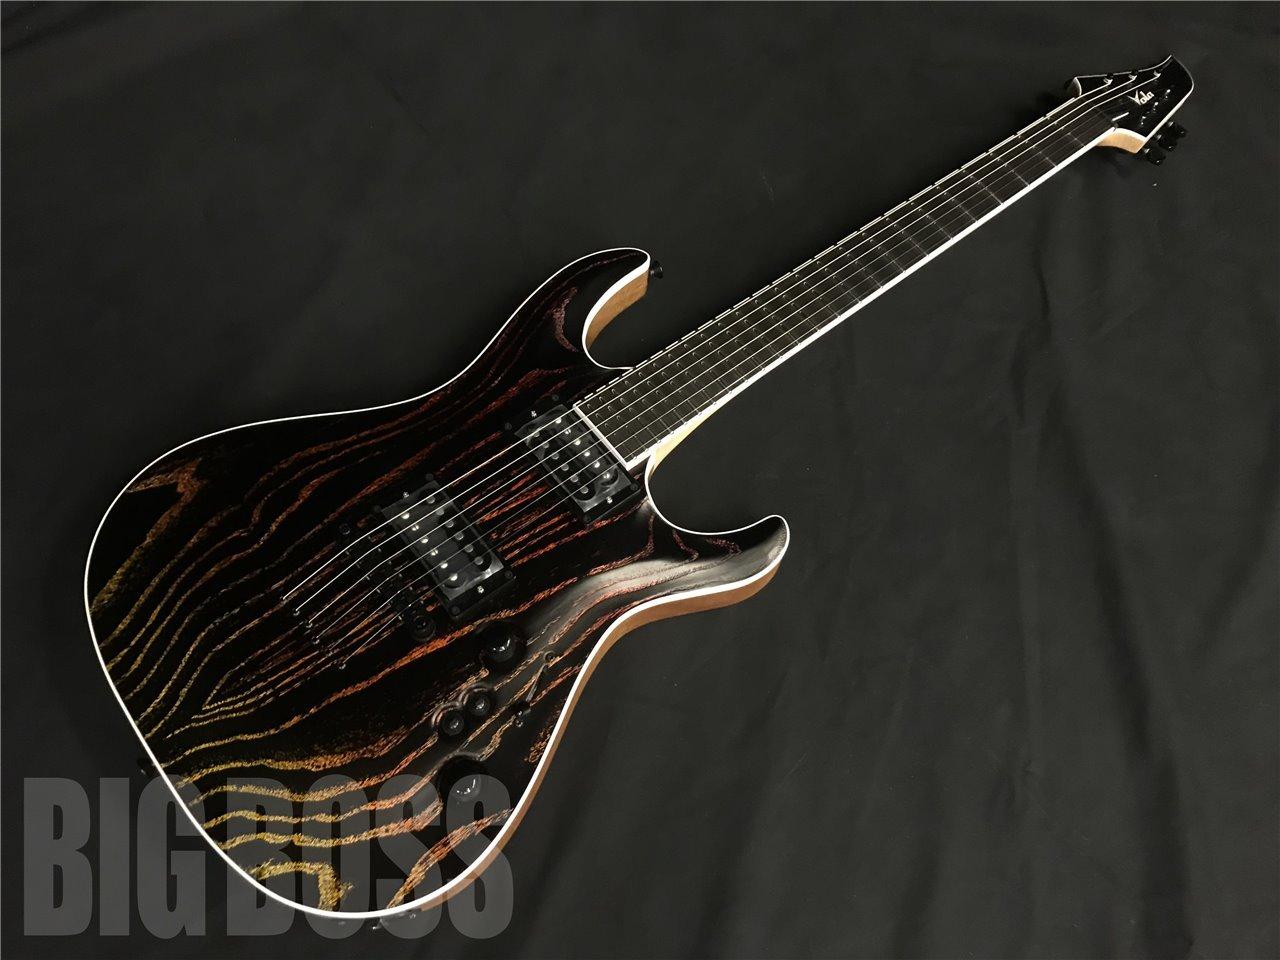 【即納可能】Vola Guitar Blaze X EAM (OGD)